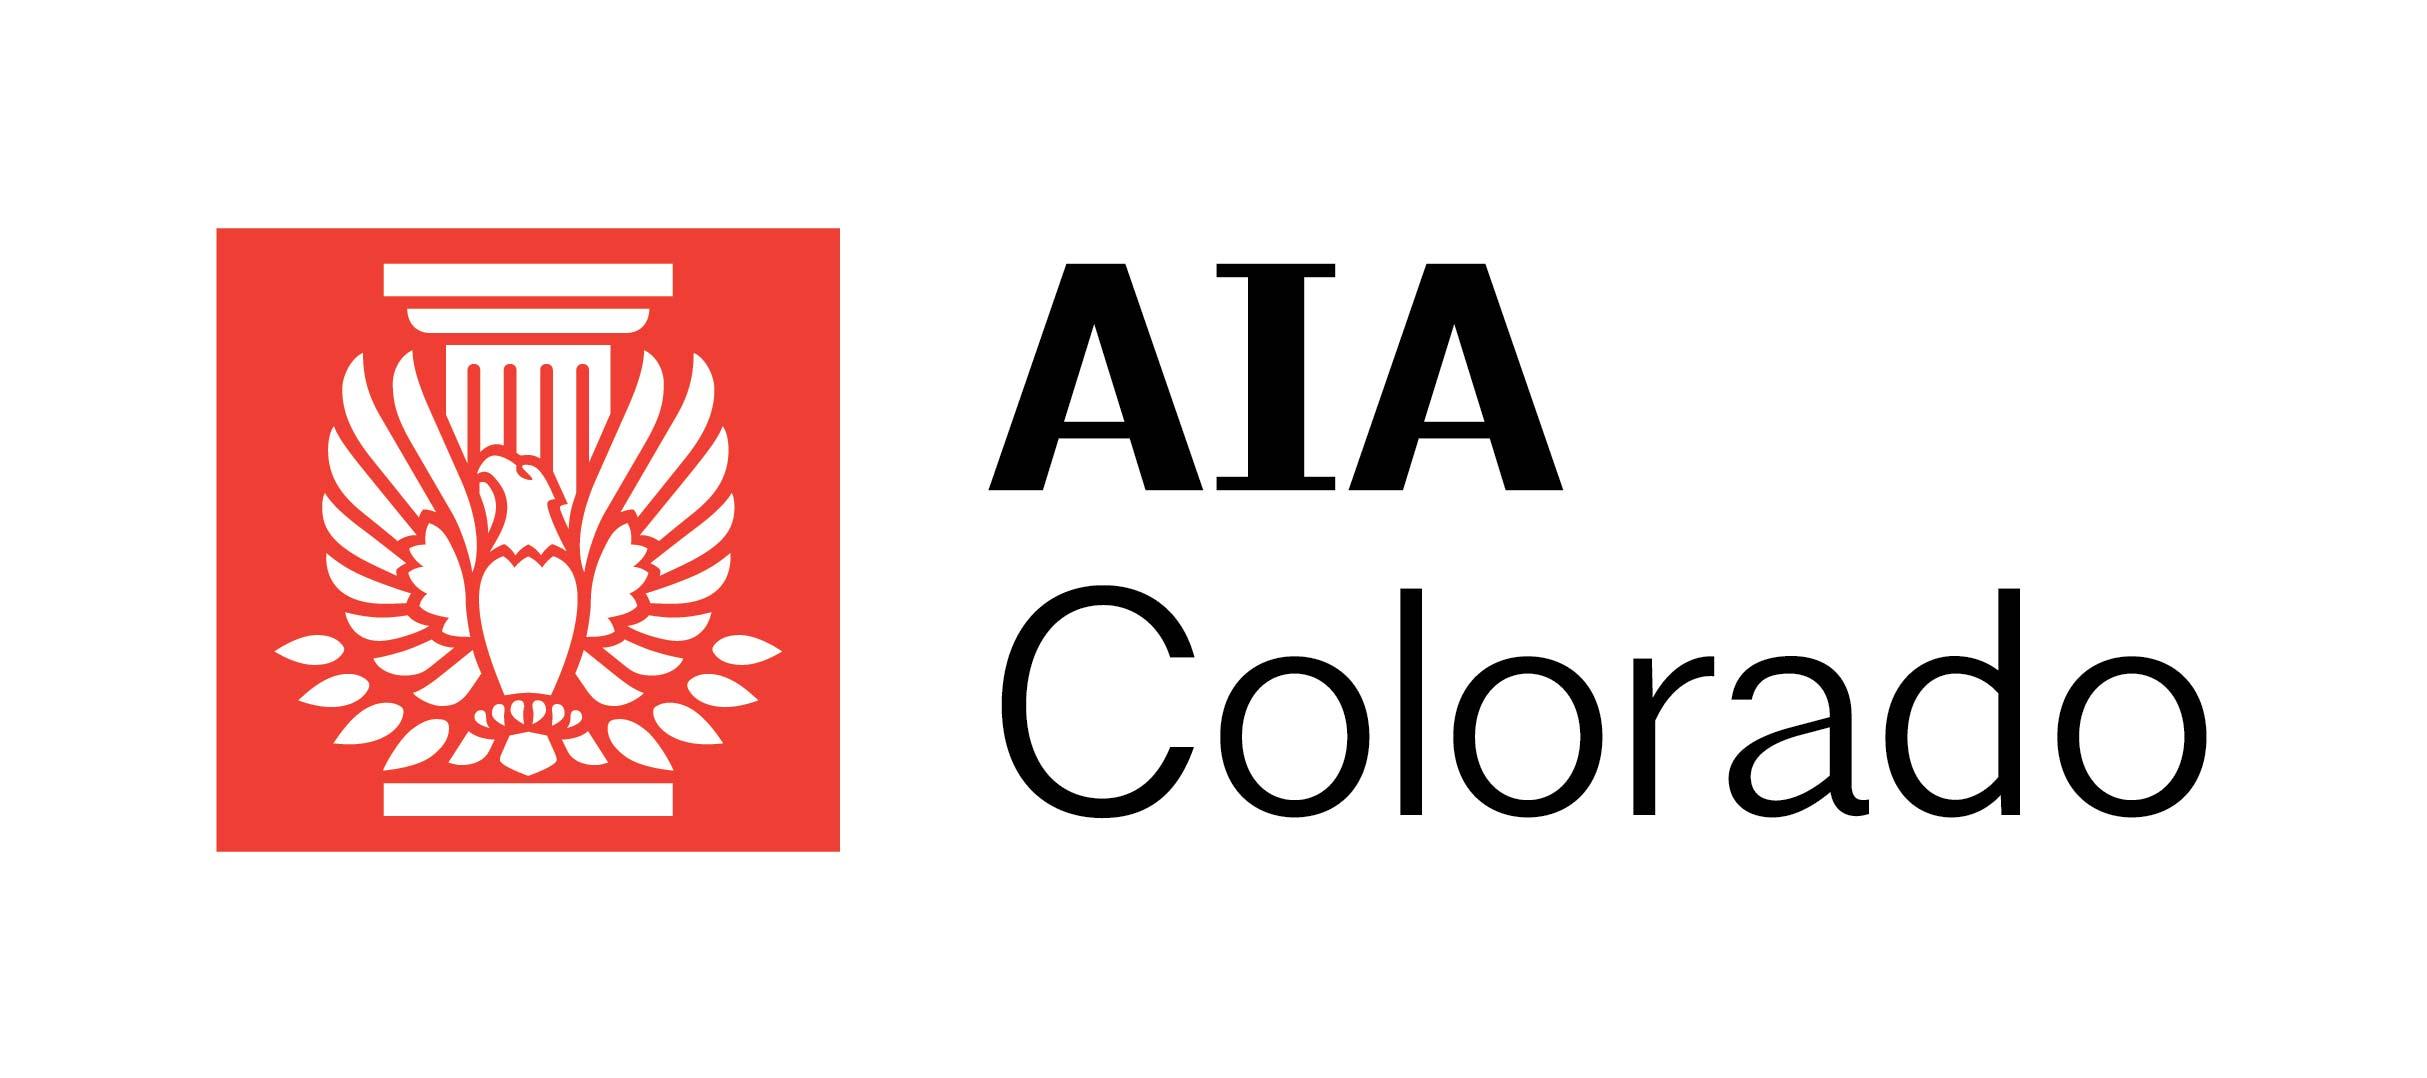 AIA_Colorado_logo_CMYK_jpg